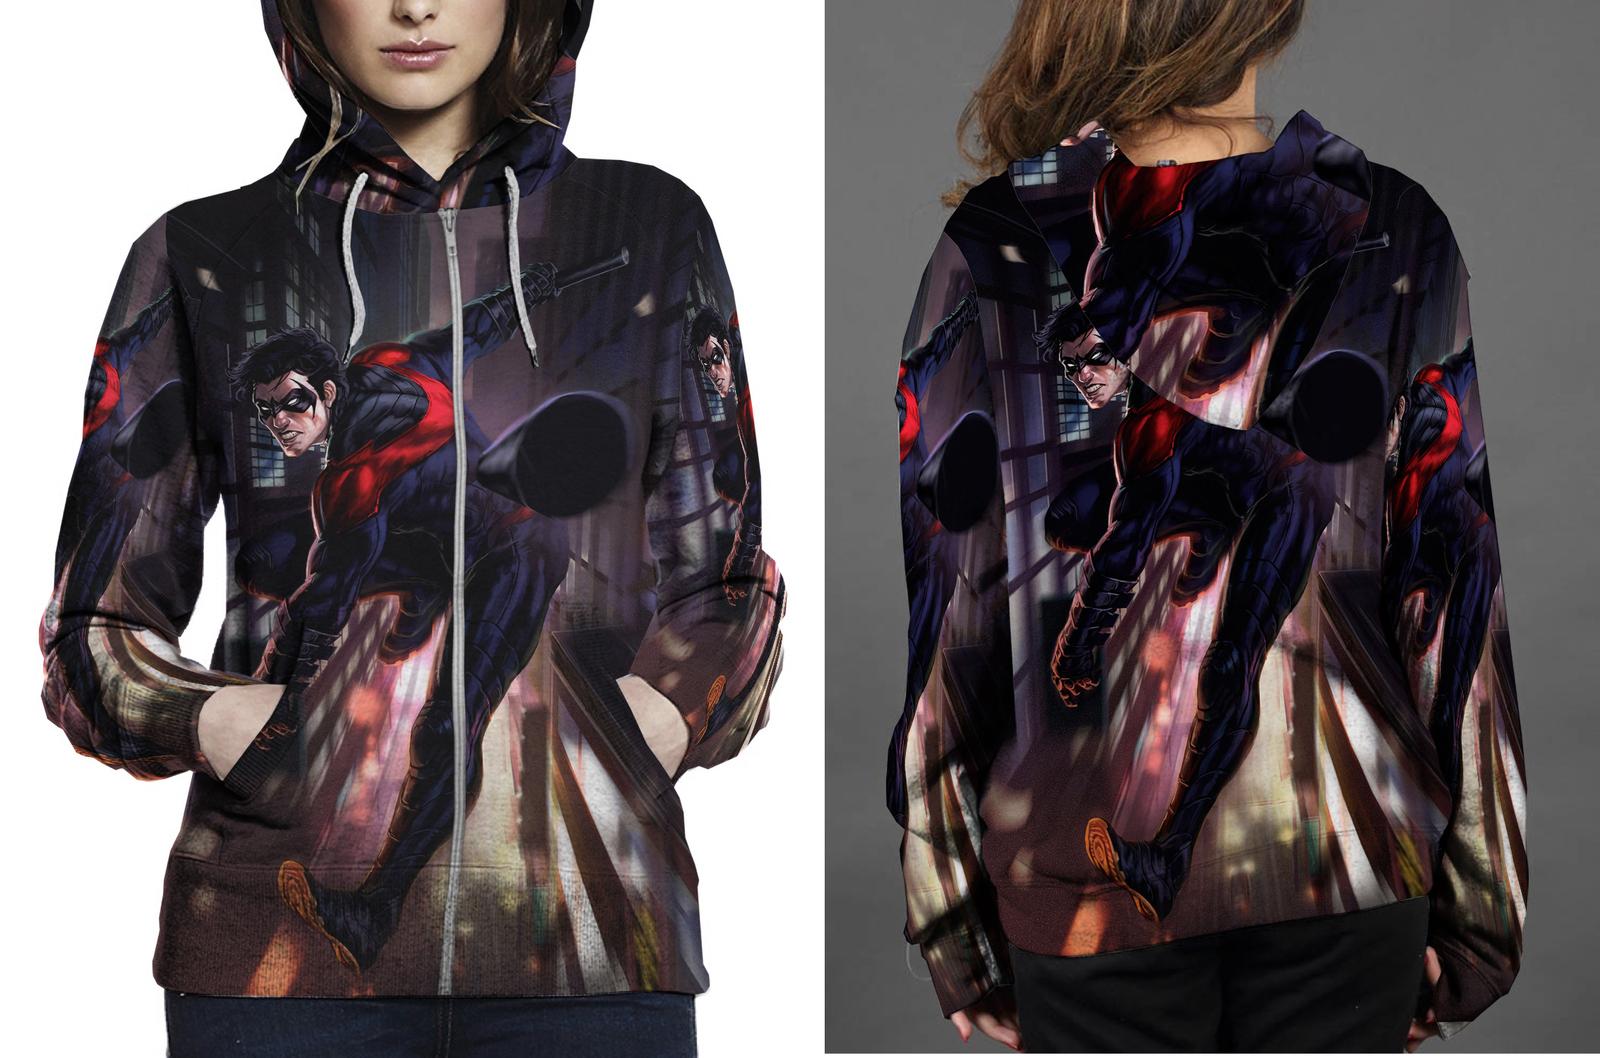 Nightwing action zipper hoodie women s